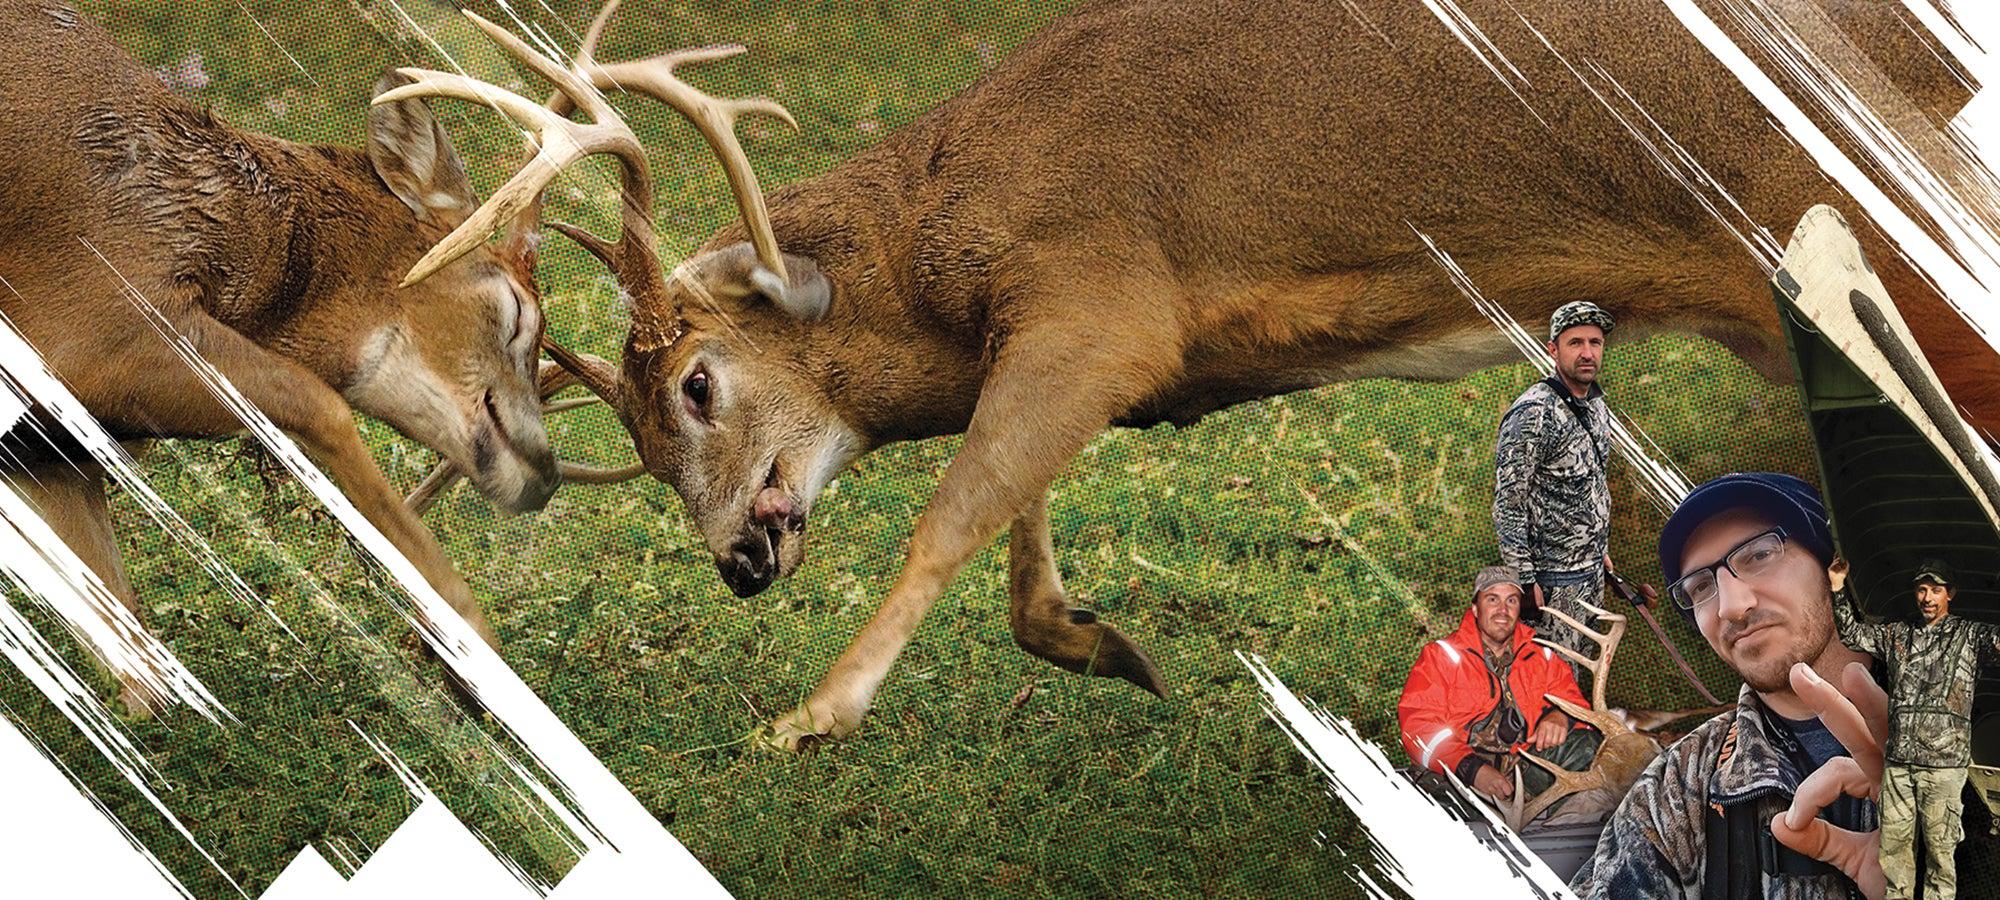 deer hunting the rut